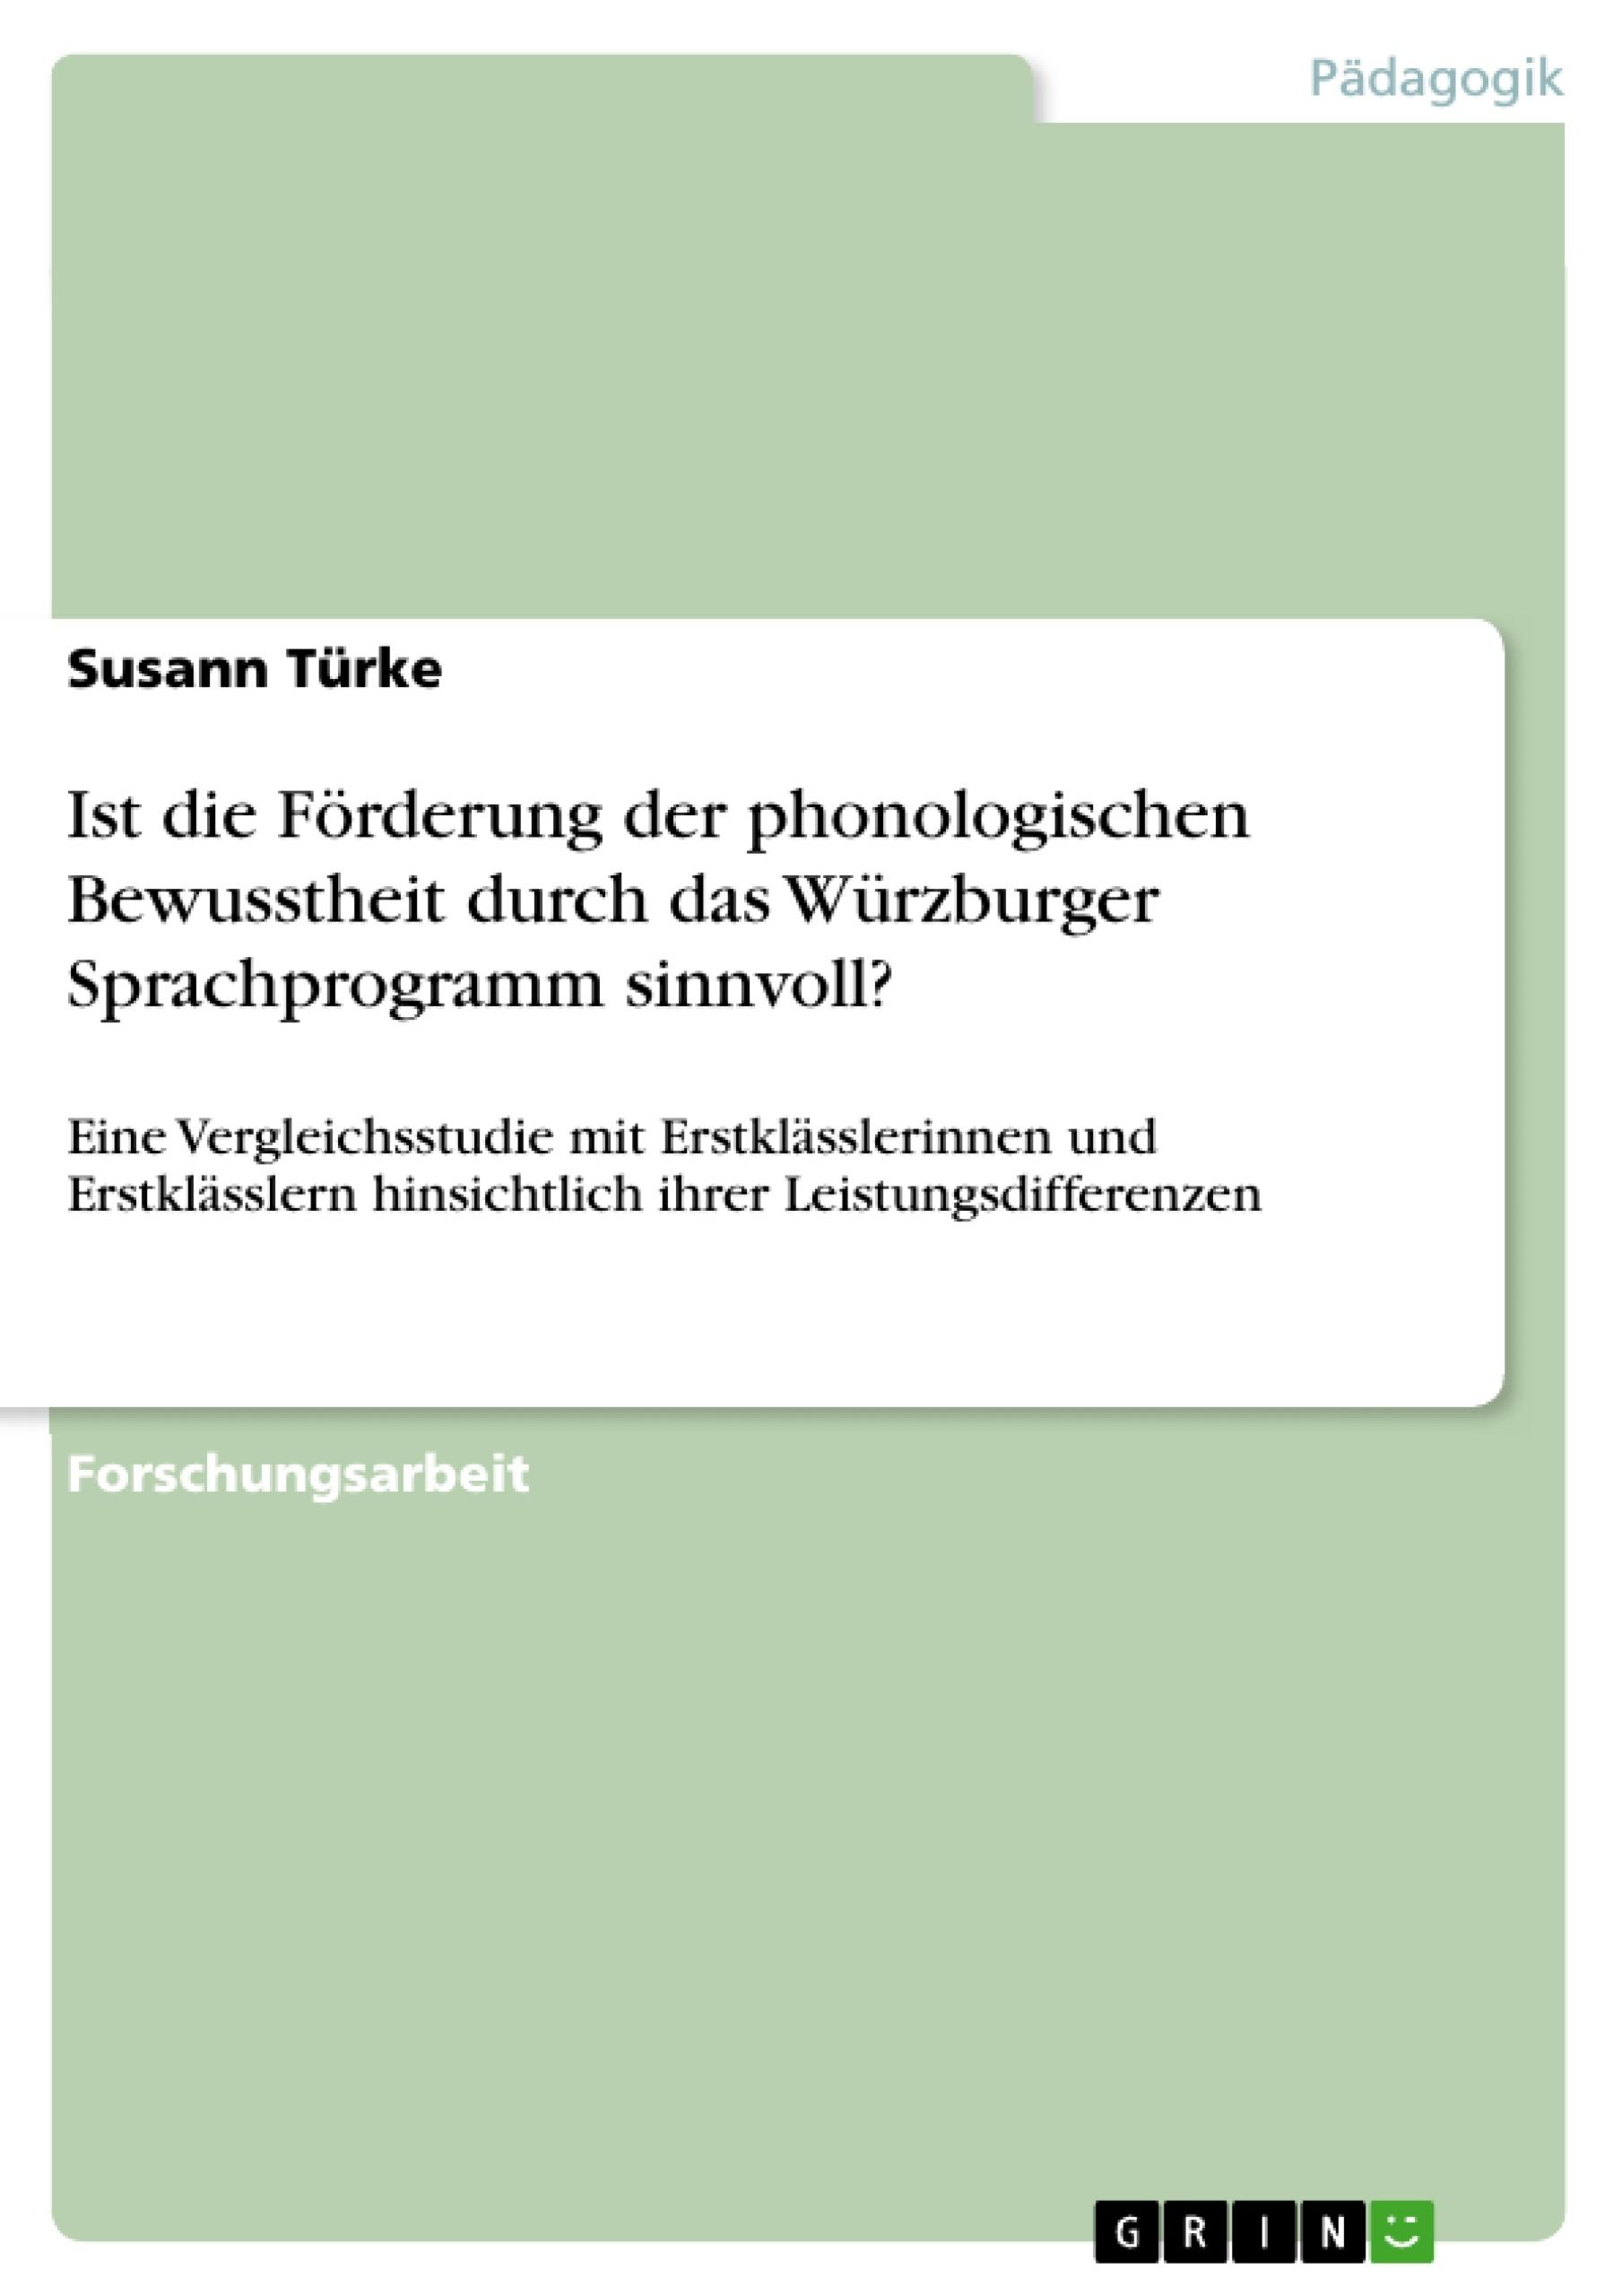 Titel: Ist die Förderung der phonologischen Bewusstheit durch das Würzburger Sprachprogramm sinnvoll?